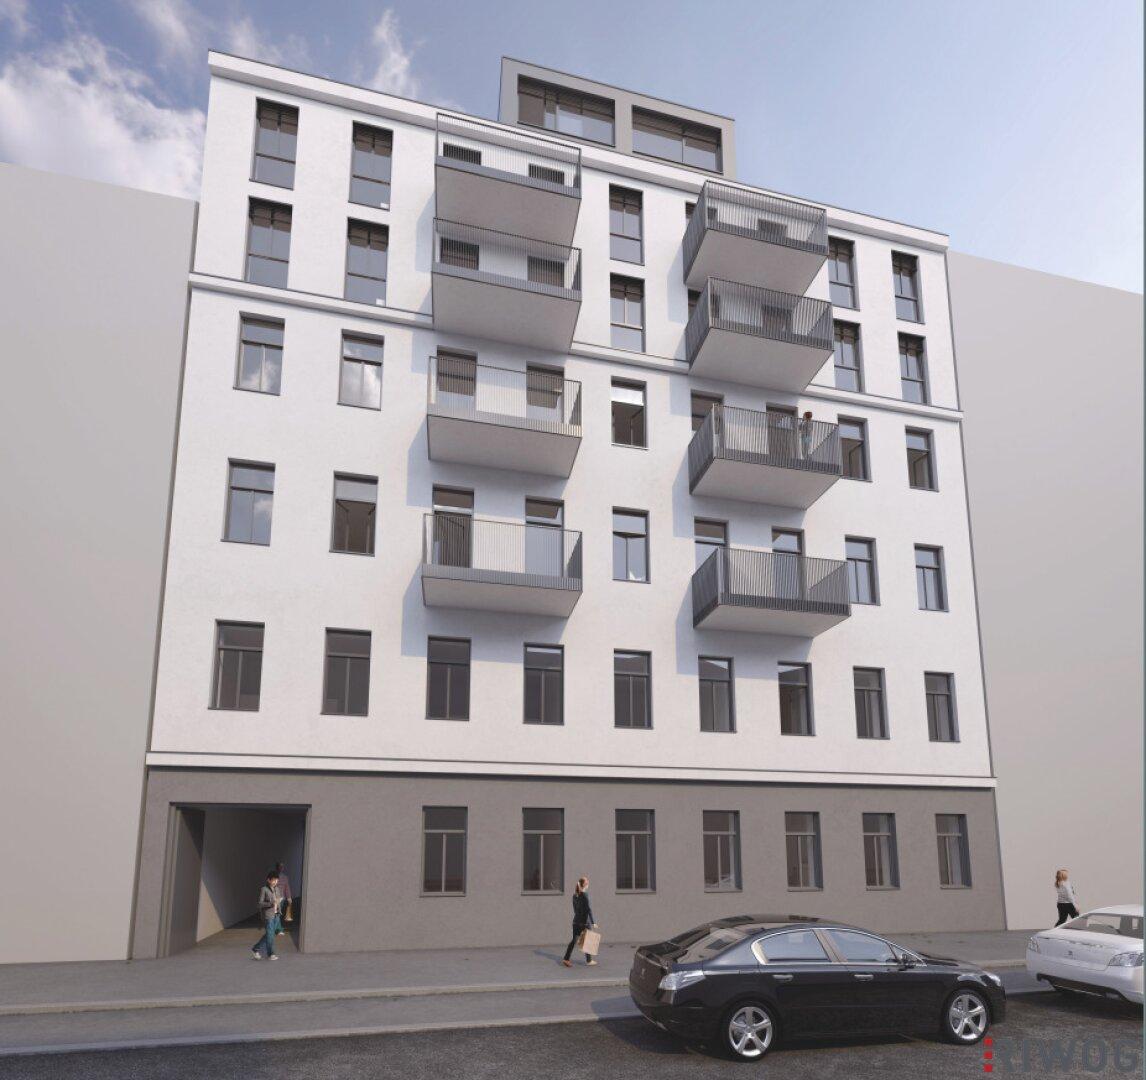 ++ MARCHFELD RESIDENZ ++ Exklusive Erstbezug-Wohnungen in aufstrebender Lage (Projektansicht)